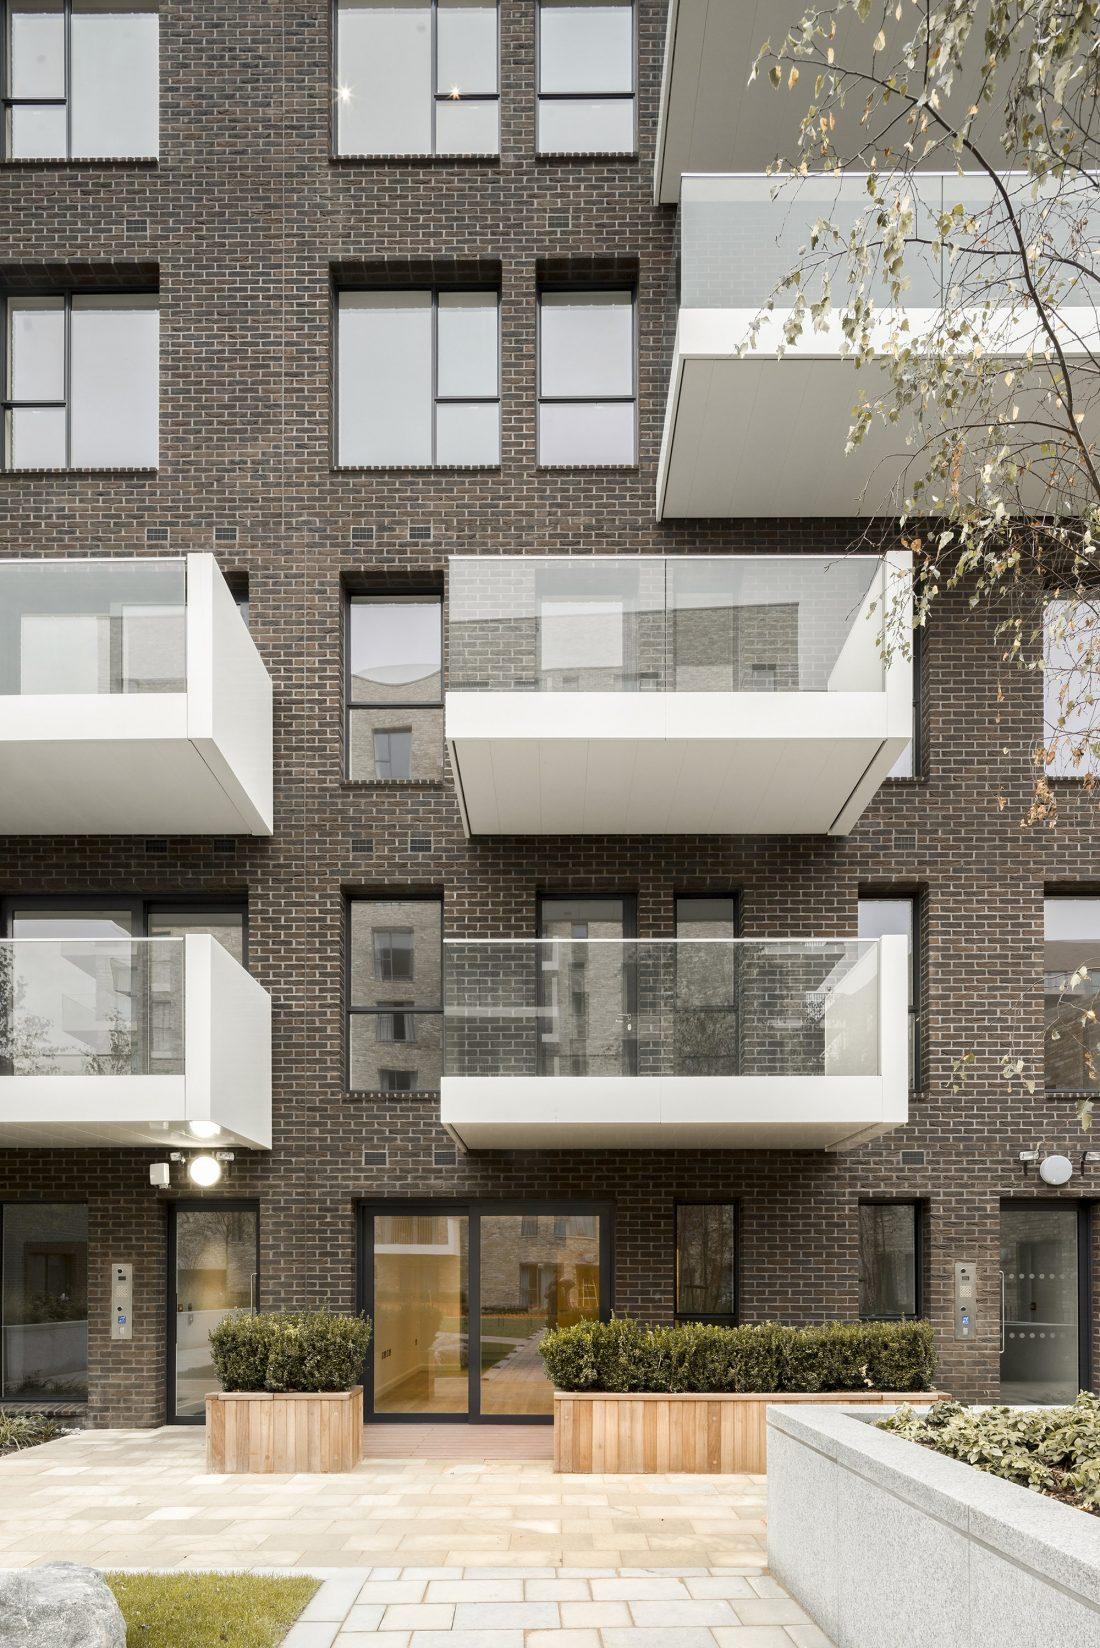 Жилой комплекс Greenwich Peninsula Riverside в Лондоне по проекту C.F. Moller 3